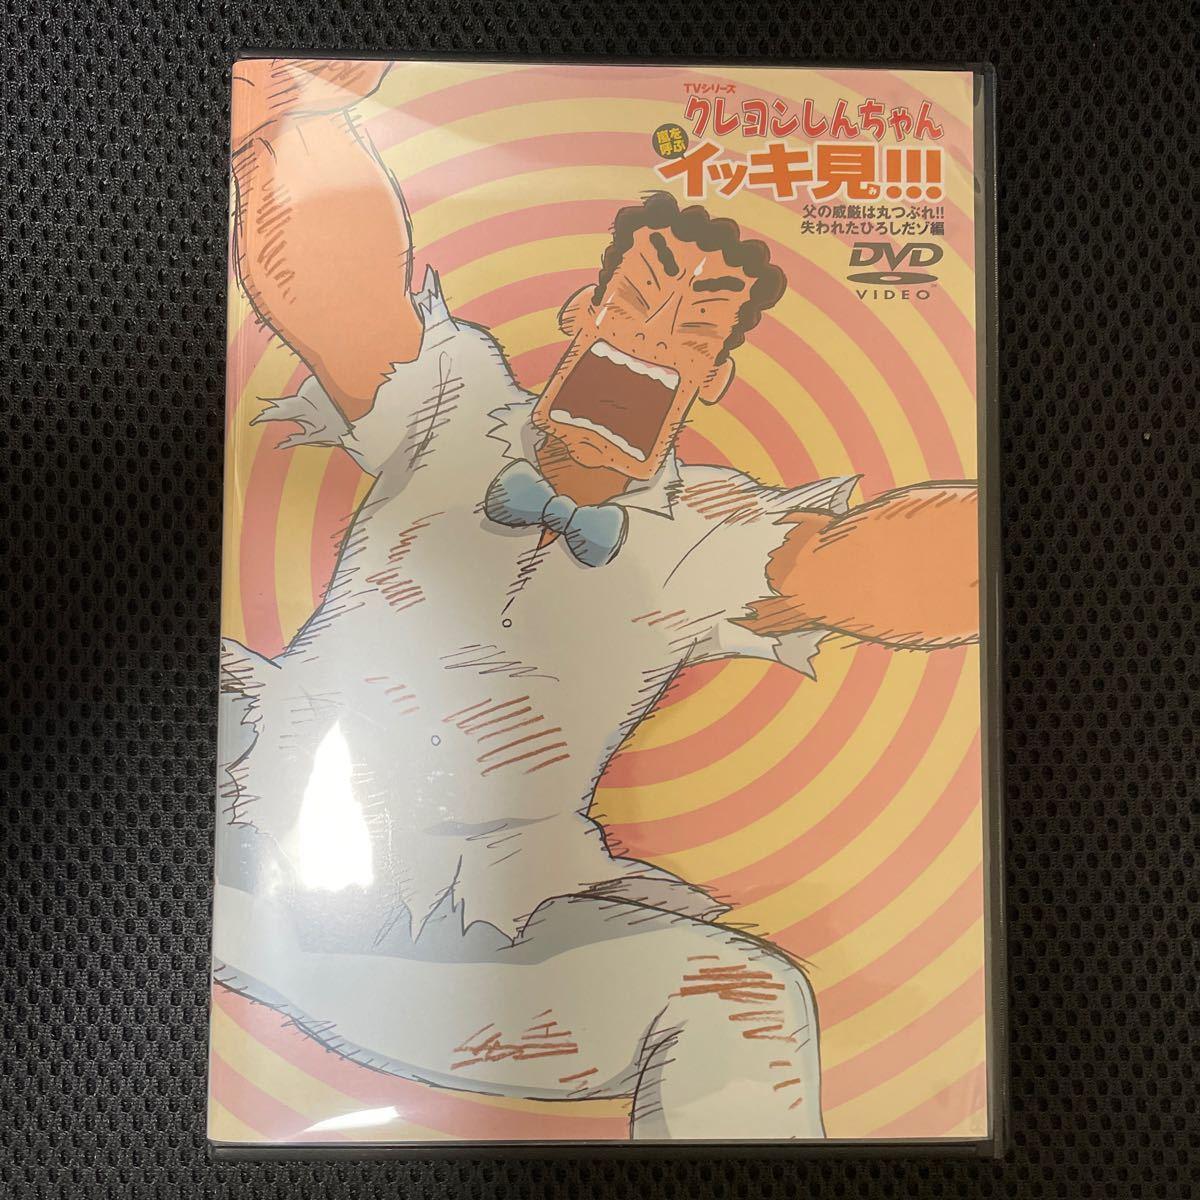 クレヨンしんちゃん  イッキ見 DVD 父の威厳は丸潰れ失われたヒロシだゾ編